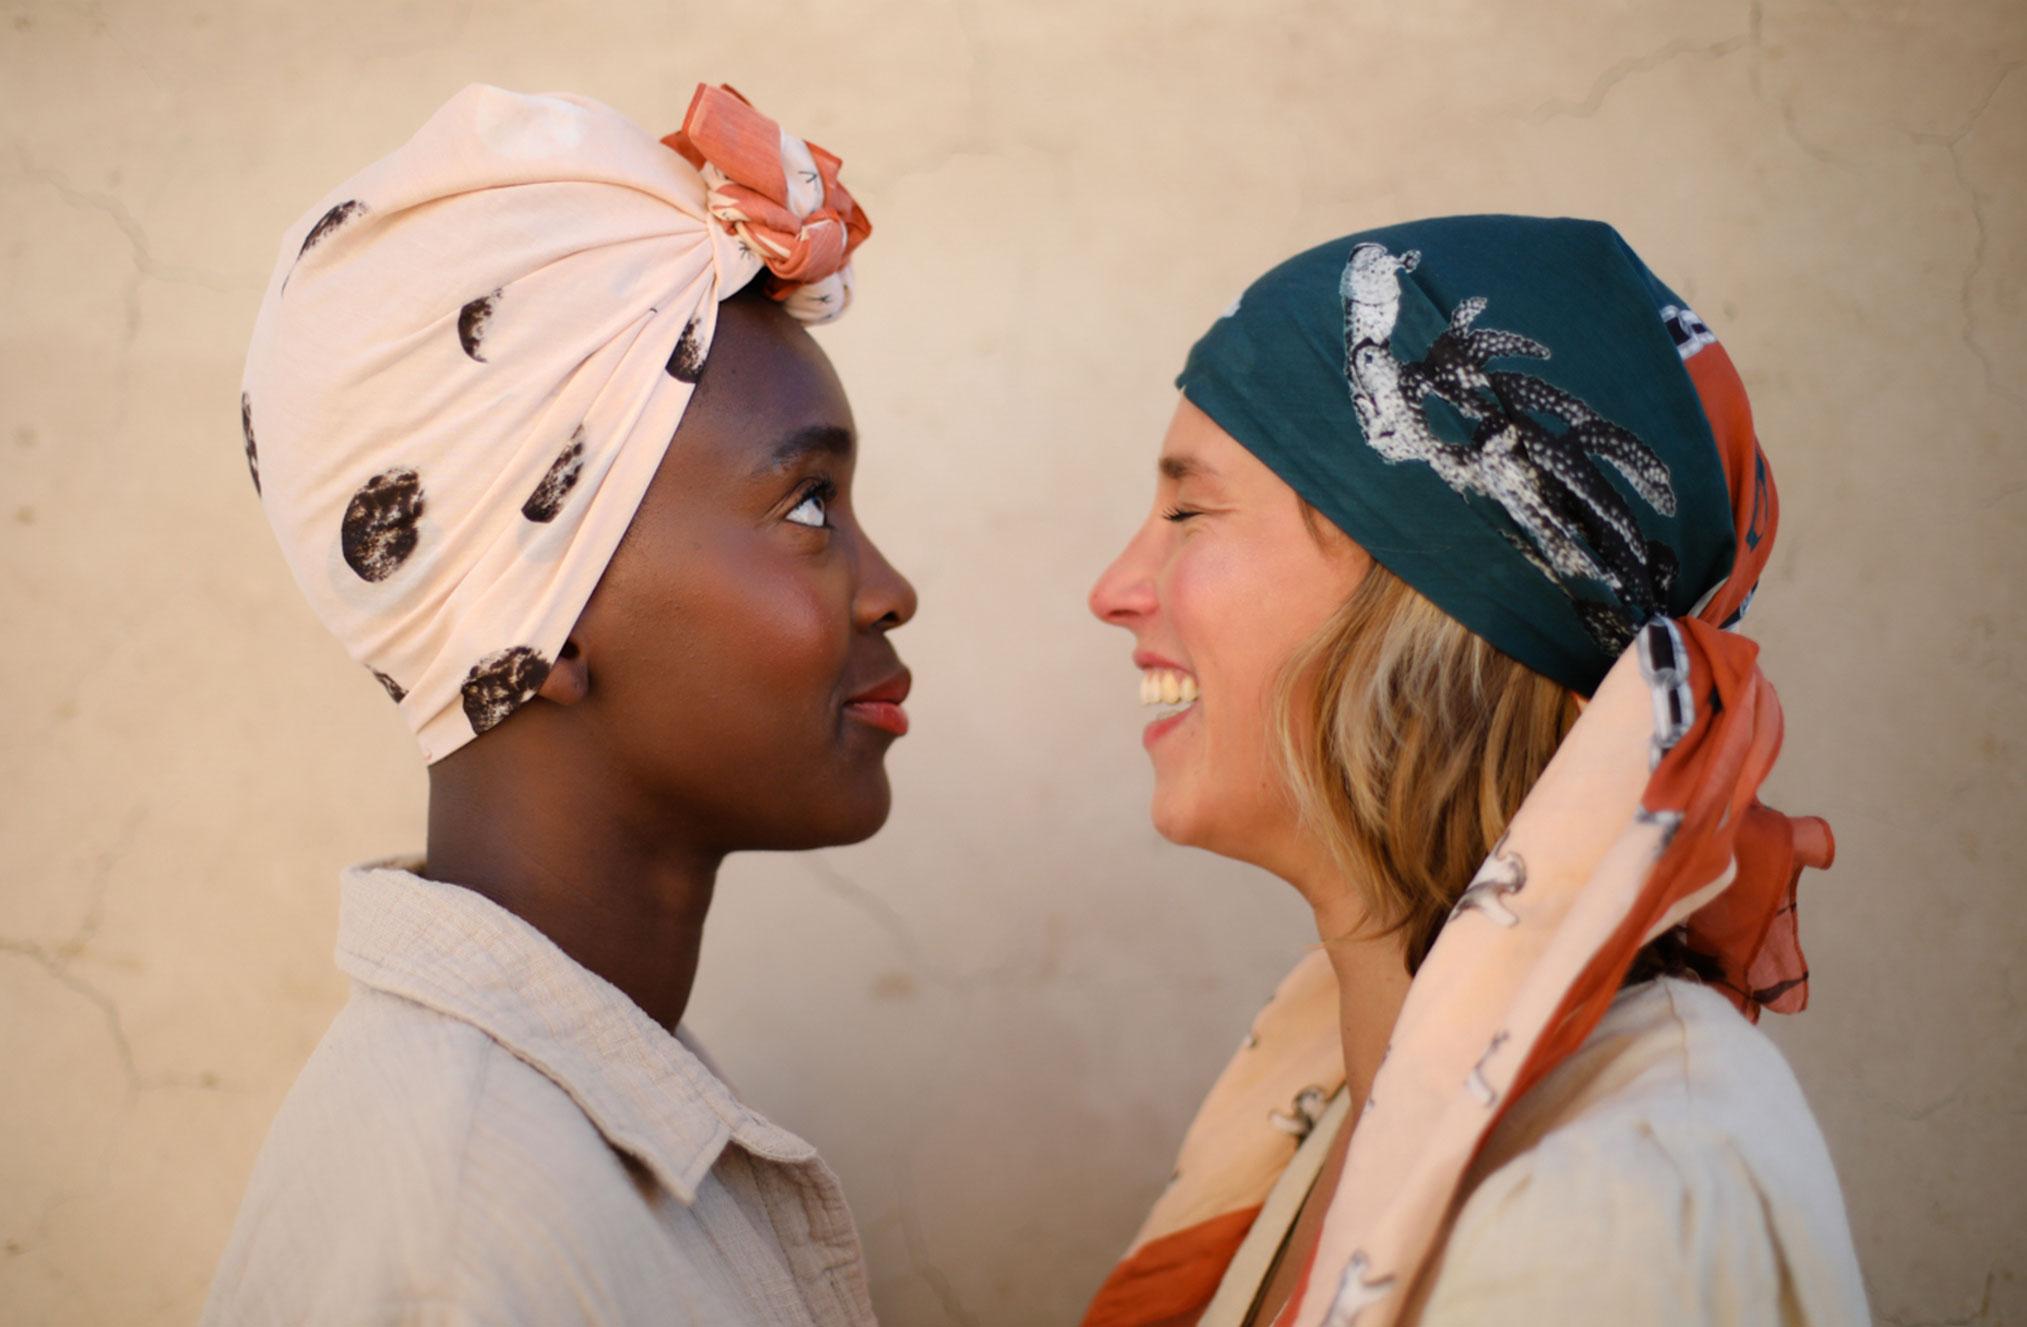 Поездка по Марокко в рекламе шляп, косынок и бандан Fringe and Frange / фото 12